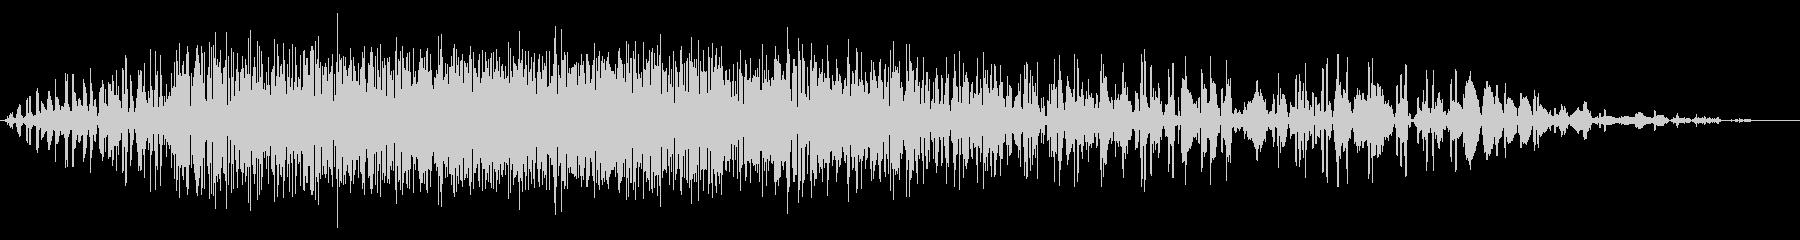 短い地鳴り・地震#2の未再生の波形